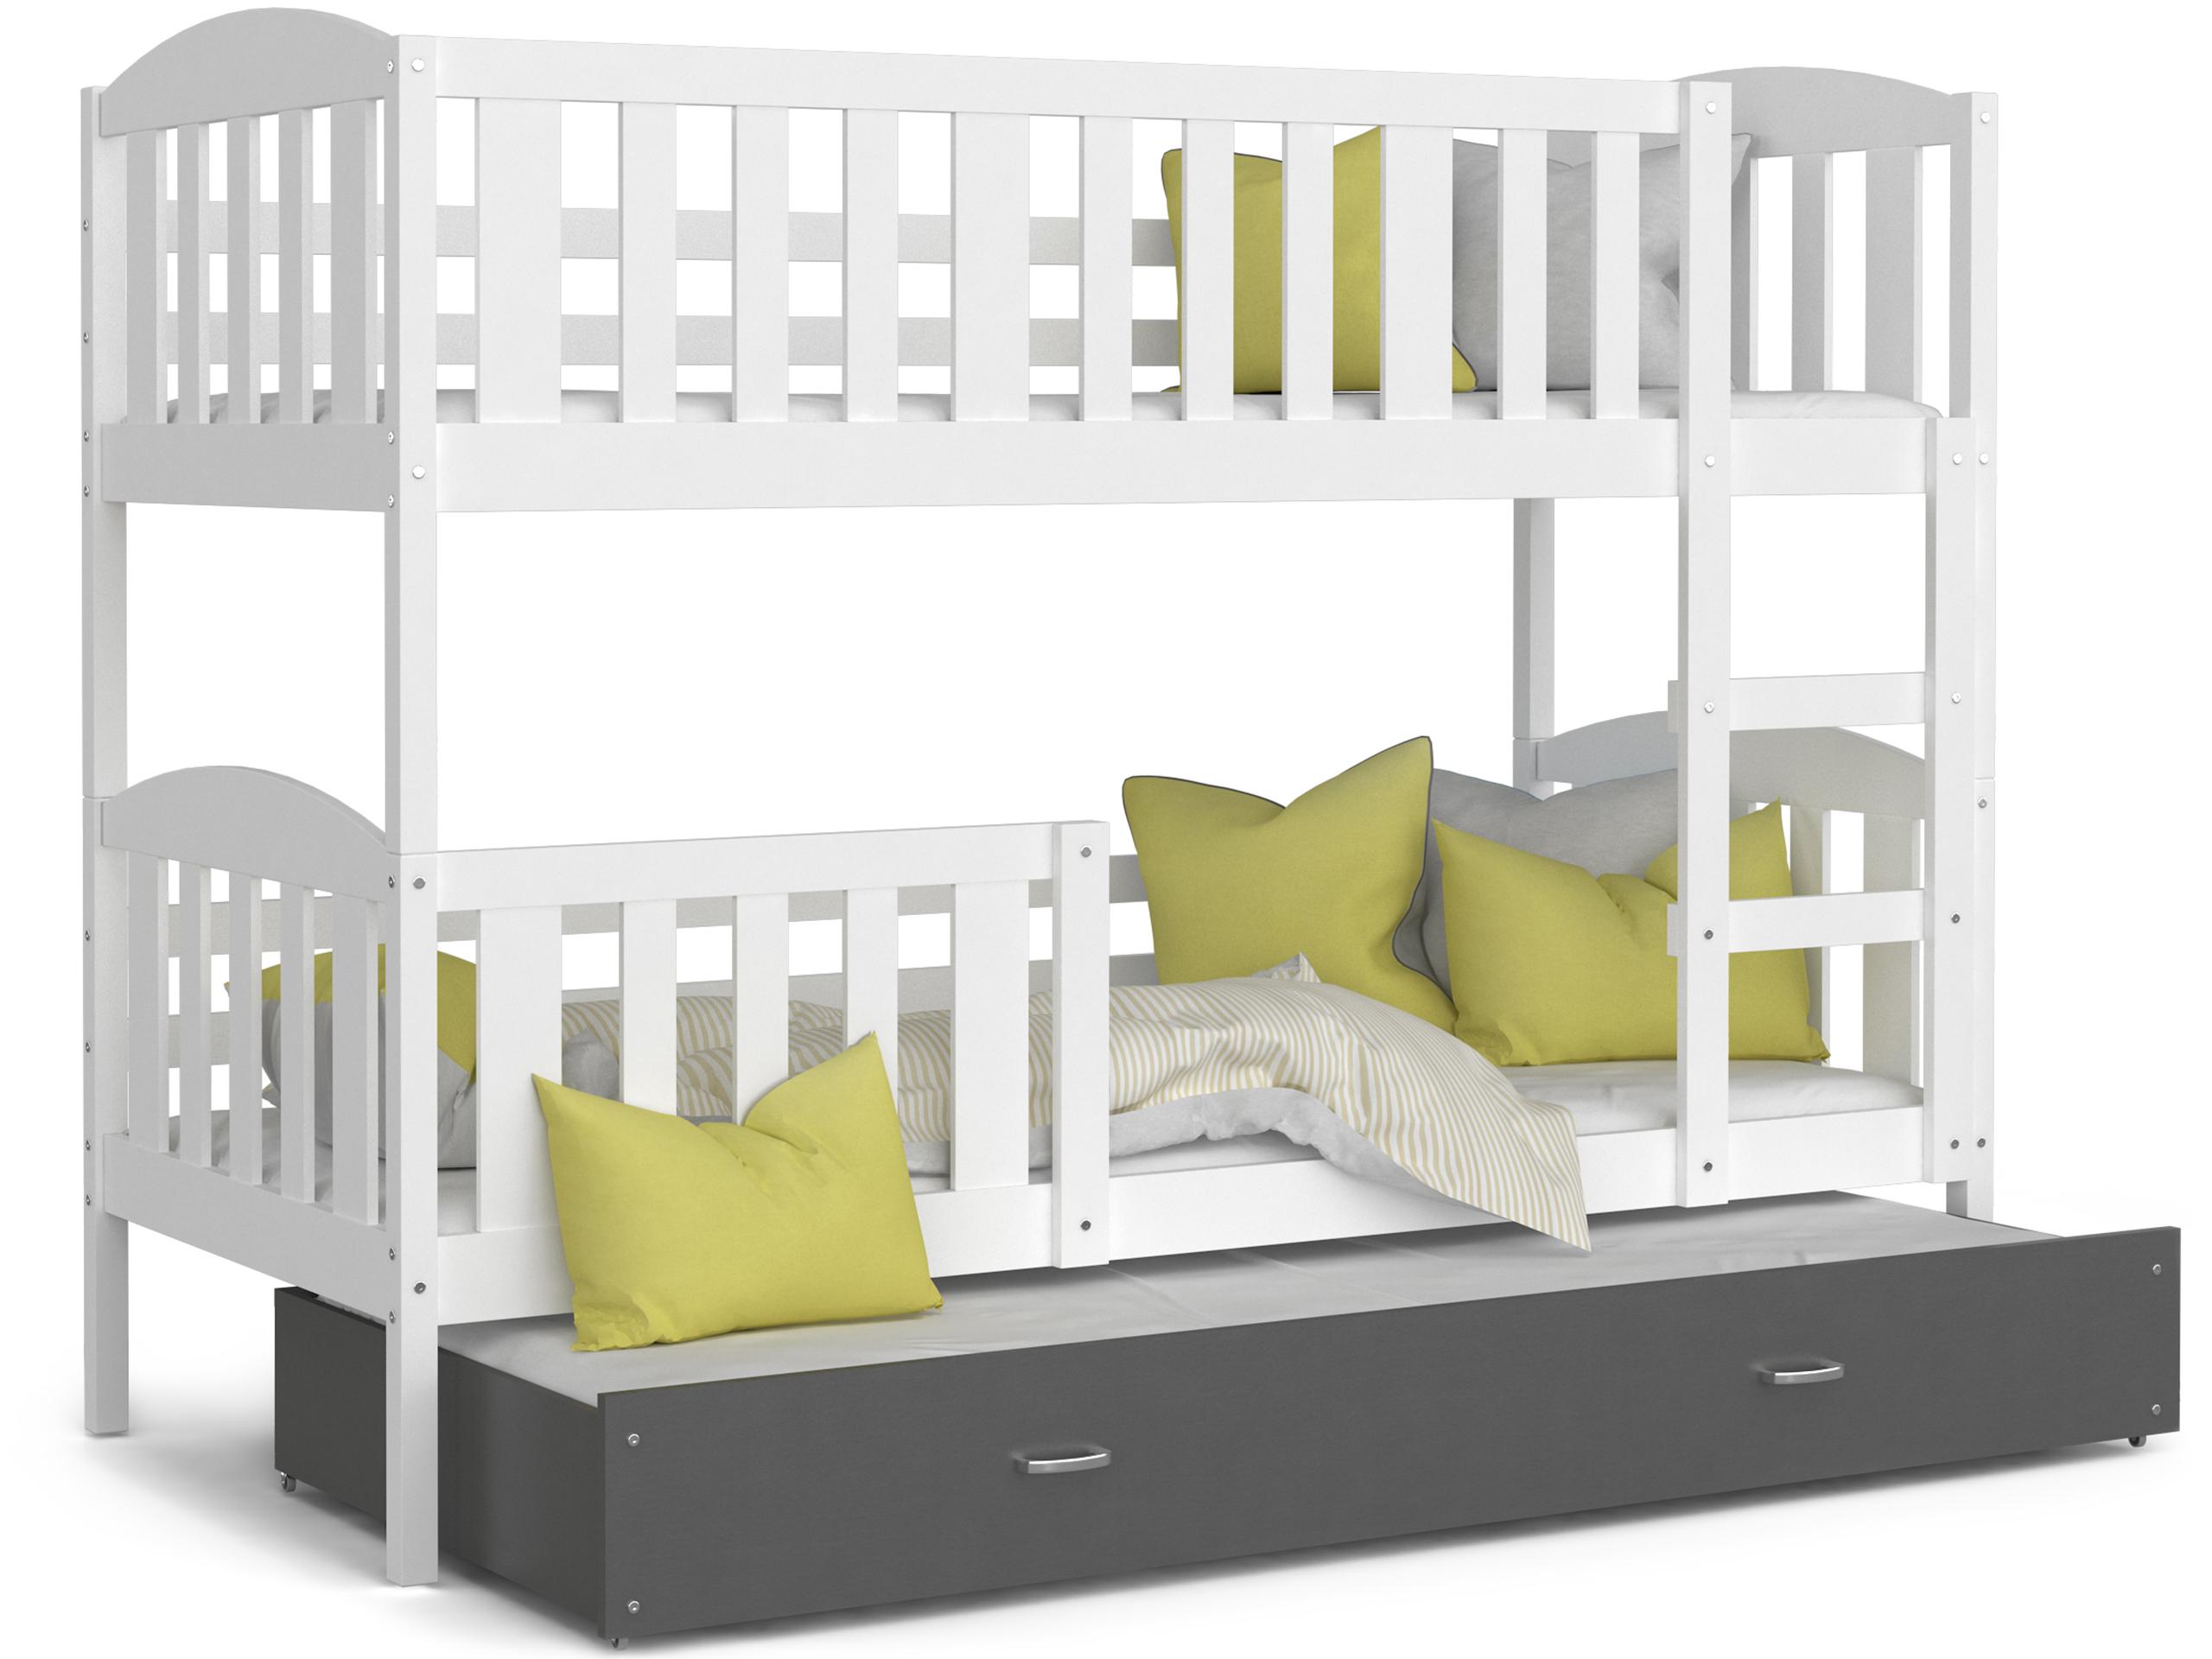 ArtAJ Detská poschodová posteľ Kubuš 3 | 190 x 80 cm Farba: biela / sivá, Prevedenie: bez matraca, Rozmer.: MDF